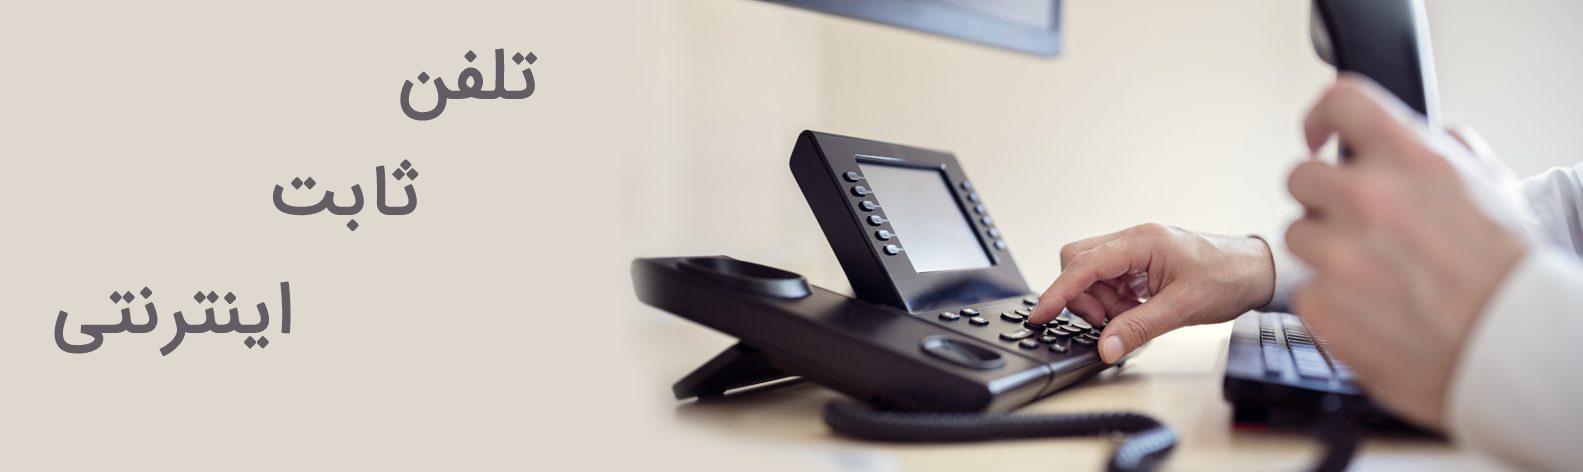 تلفن ثابت اینترنتی